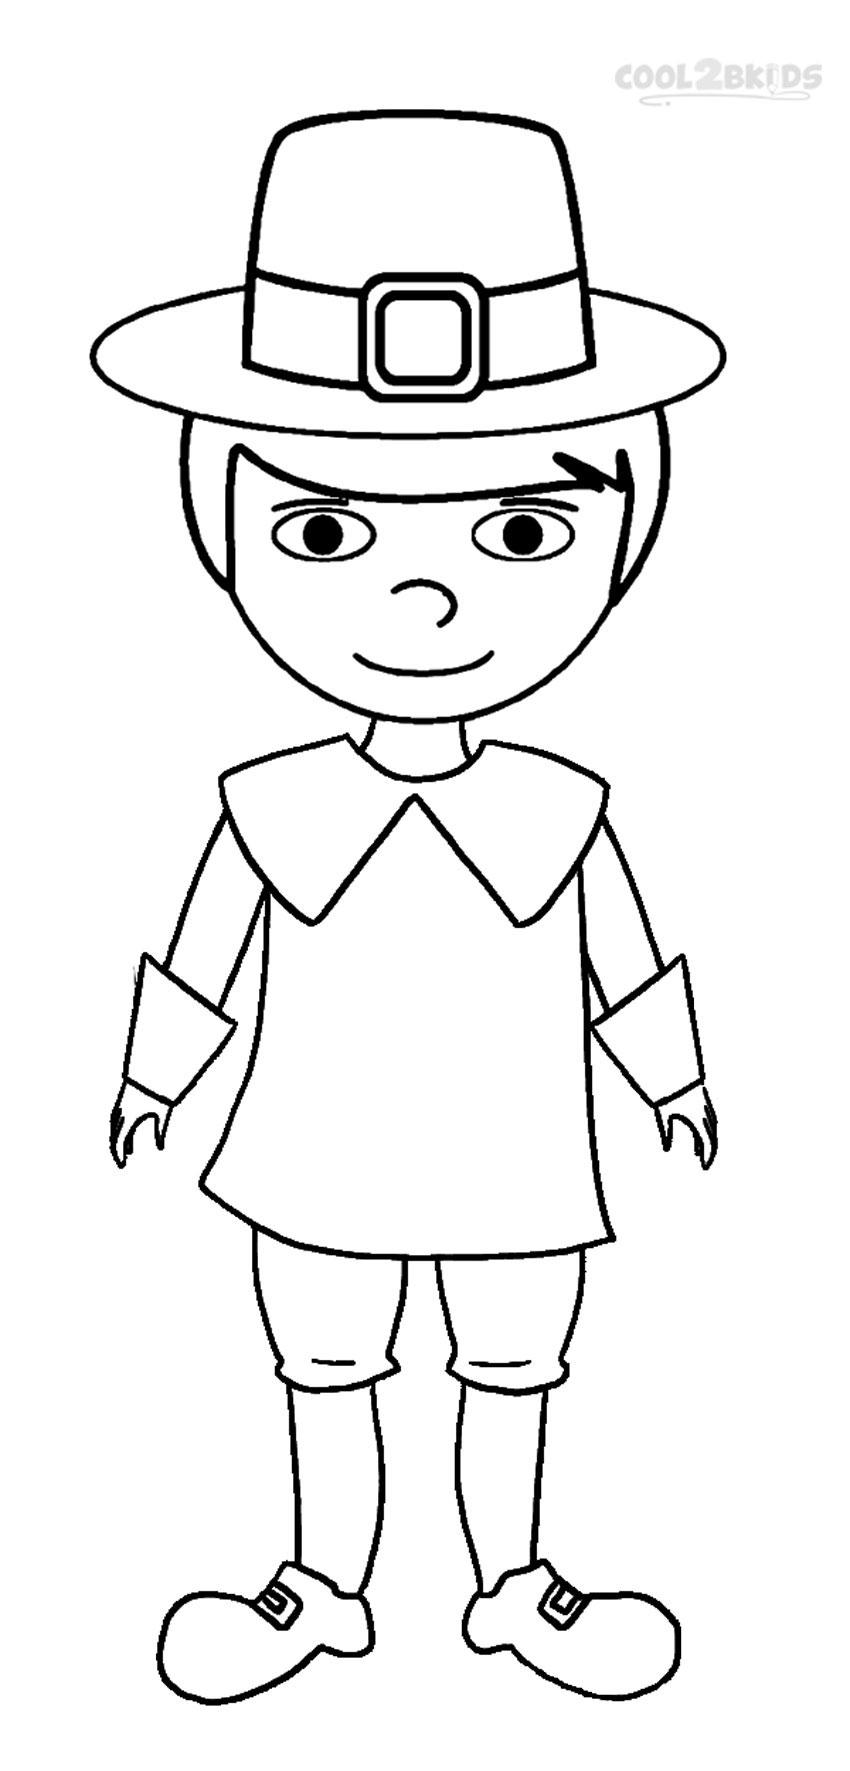 Pilgrim coloring #8, Download drawings